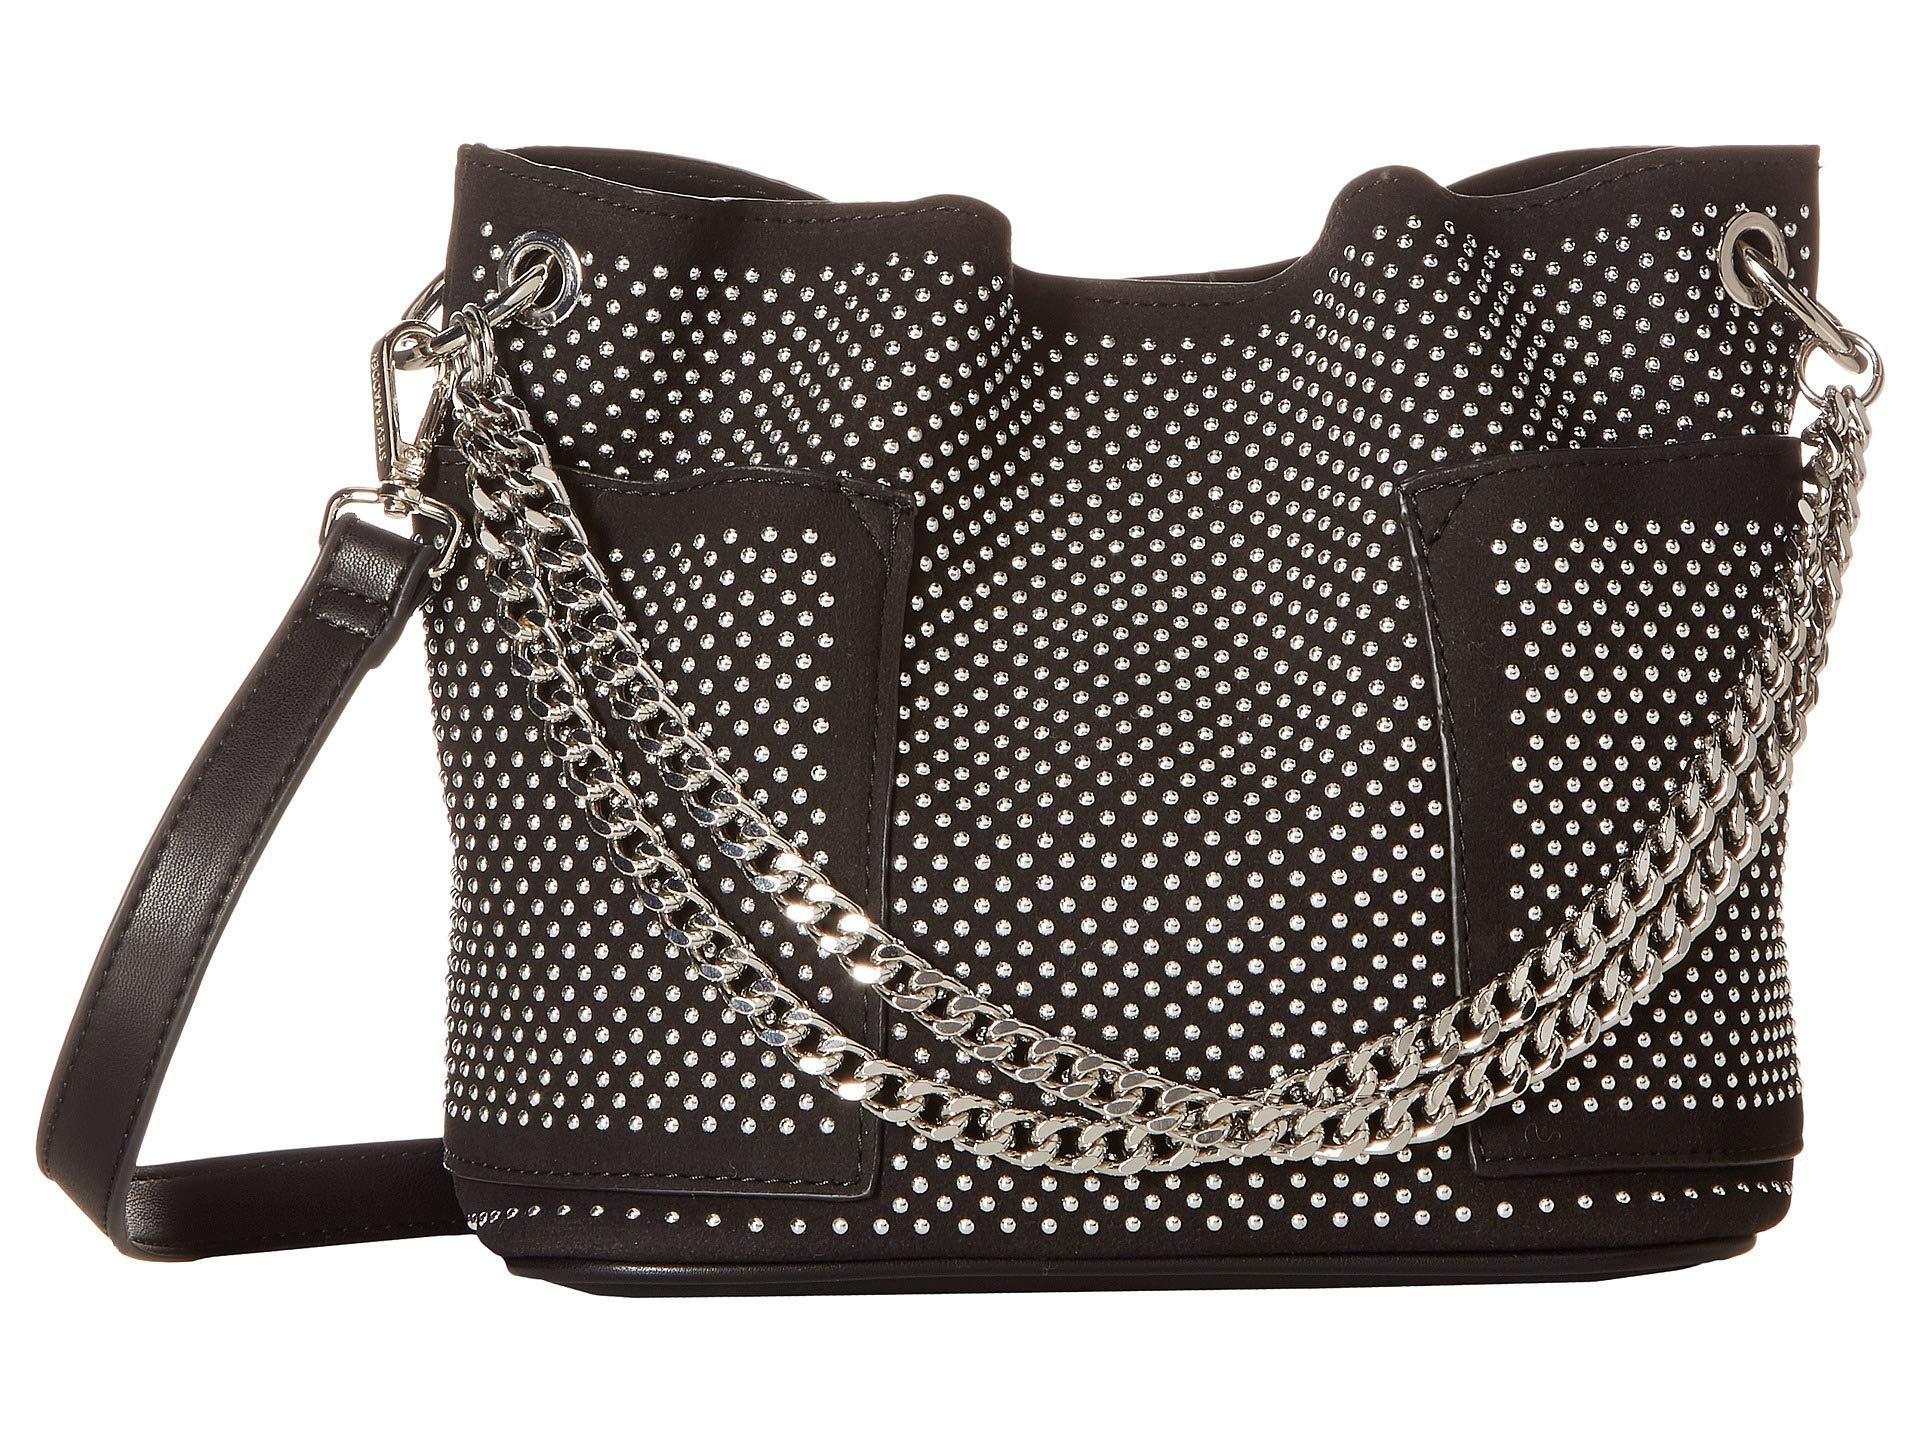 2d542e55b8c Lyst - Steve Madden Bsasha (black) Hobo Handbags in Black